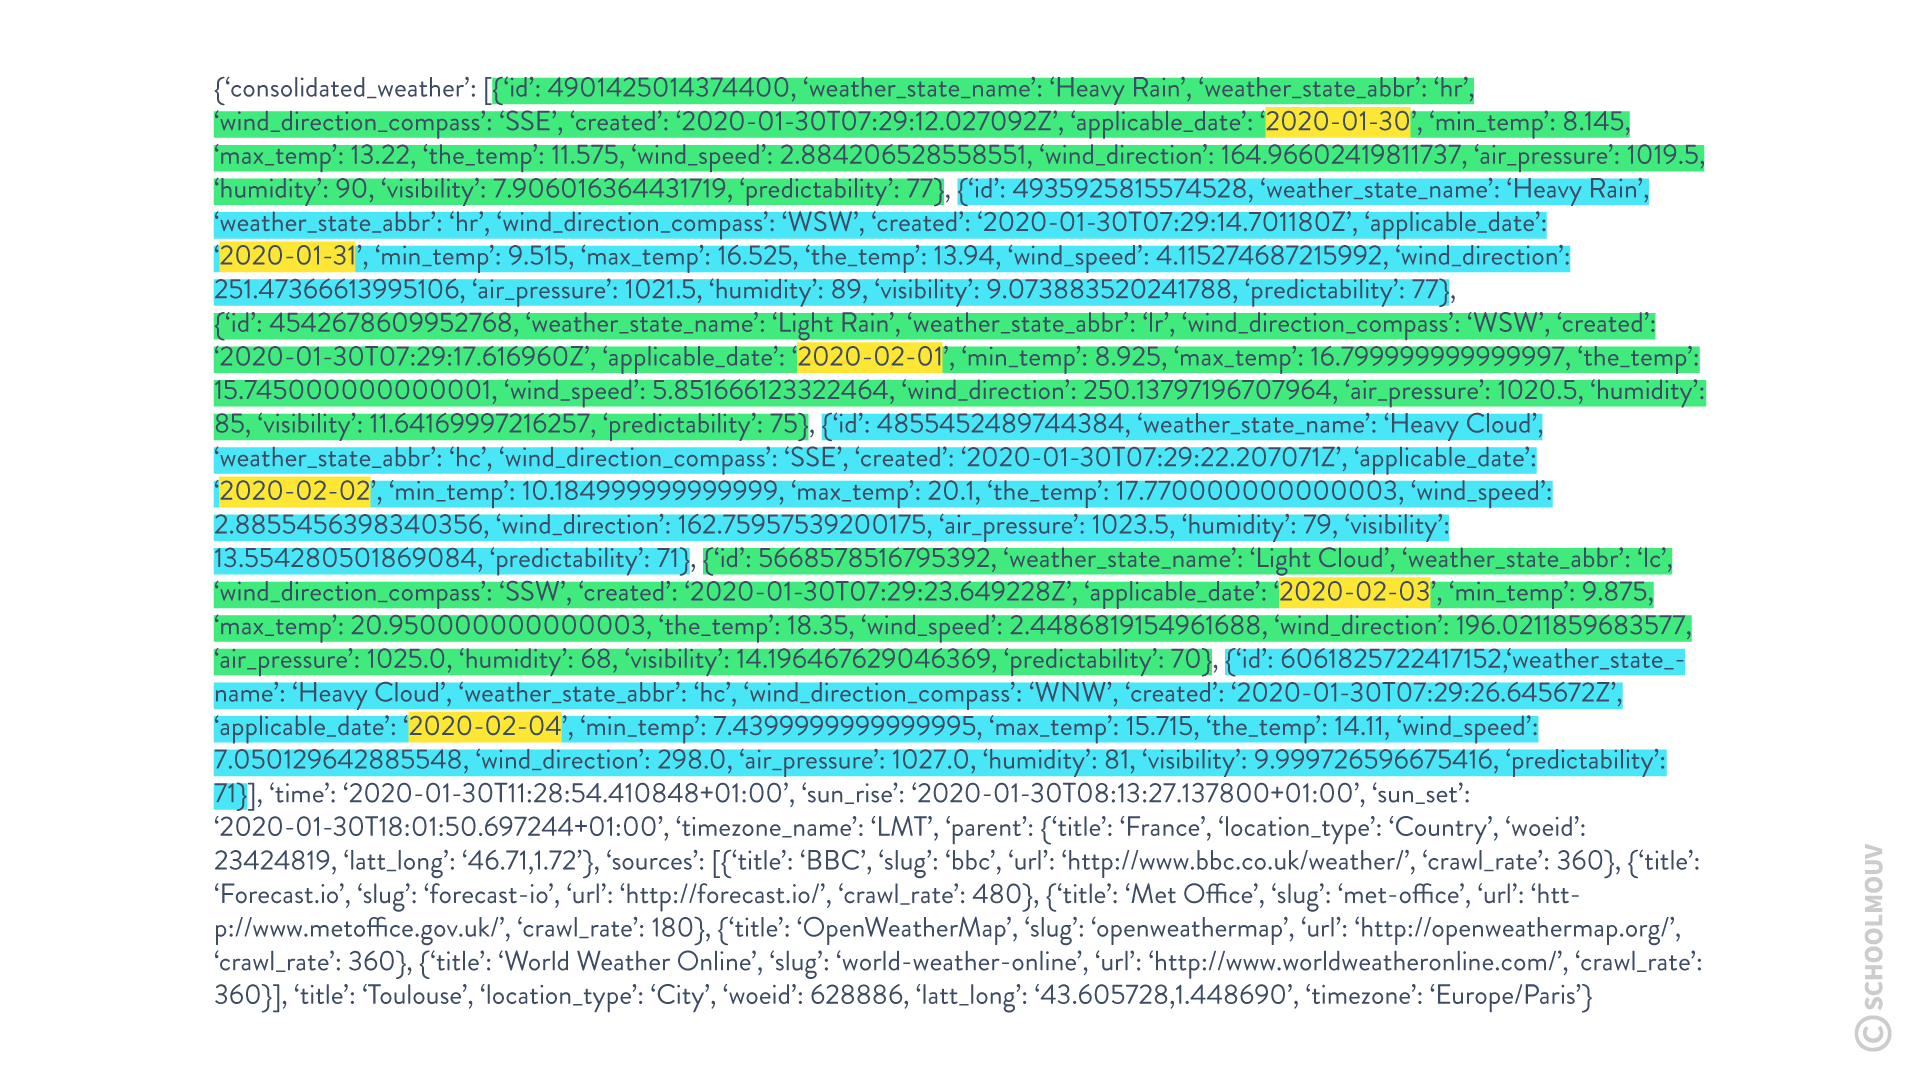 affichage base de données api bulletin météo 5 jours objet connecté internet des objets iot sciences numériques et technologie seconde